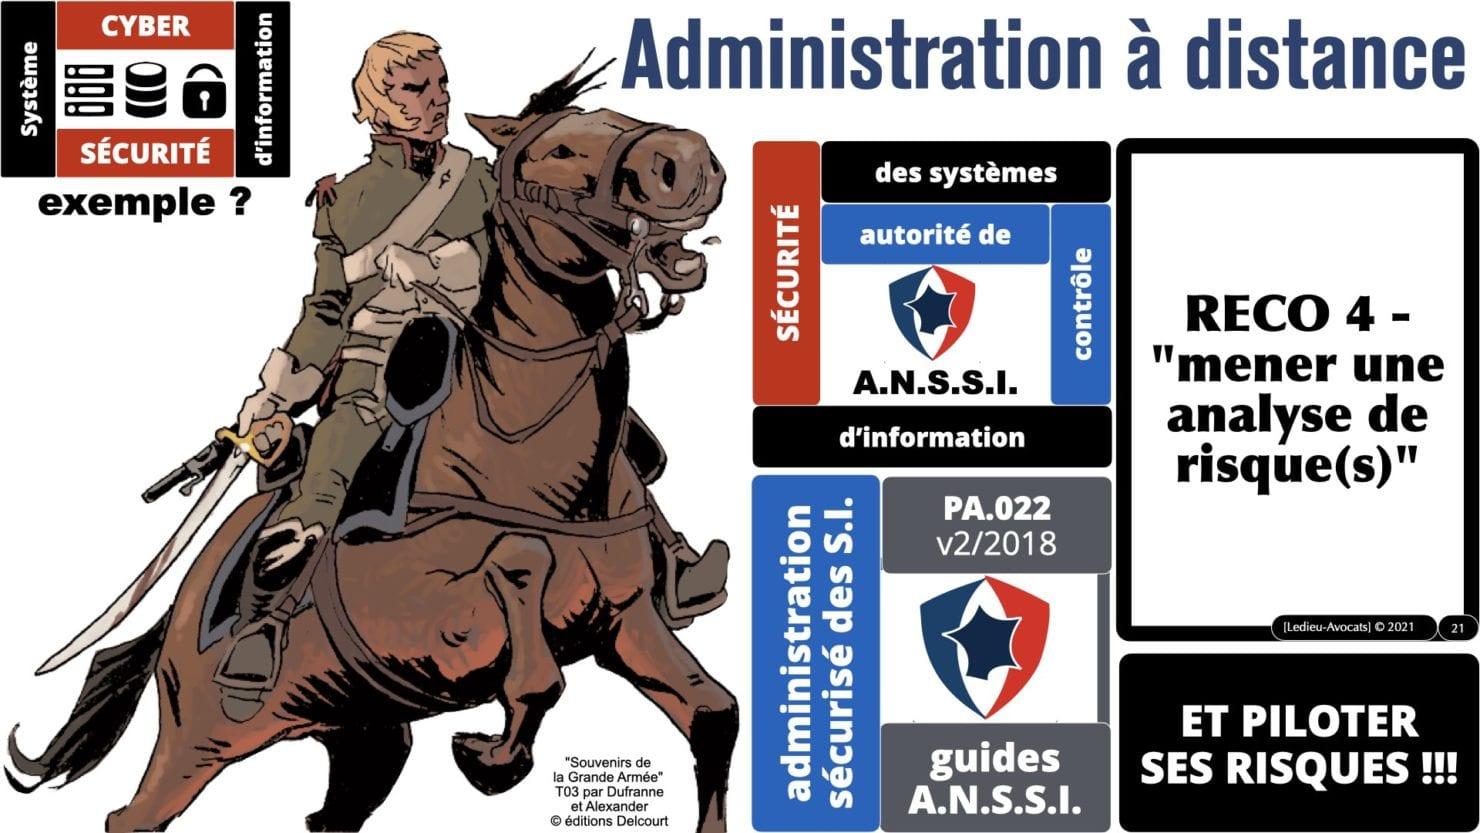 342 cyber sécurité #2 OIV OSE analyse risque EBIOS RM © Ledieu-avocat 15-07-2021.021